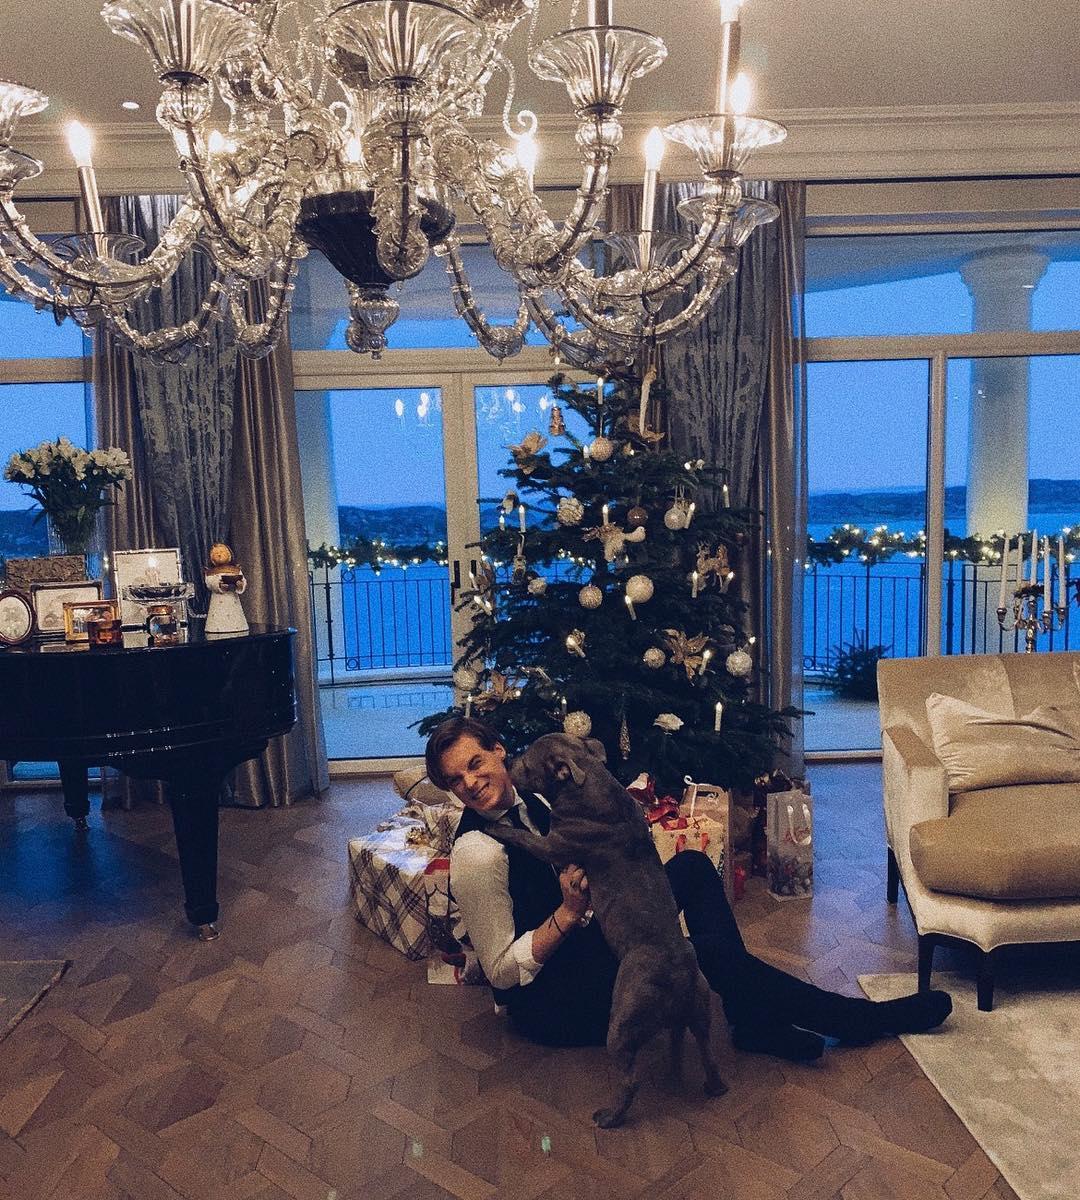 14e231724e5 一面に海が見える窓に、シャンデリアやグランドピアノなど、ホテルのロビーと見まごうようなとてもゴージャスで巨大なリビング。寛いでワンちゃんと戯れている様子は、  ...